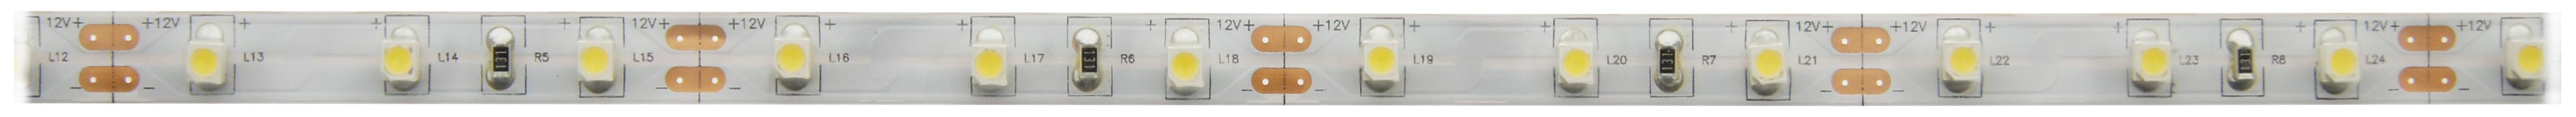 1 Stk FS 24, HW, Ra=90+, 7W/m, 520lm/m, 12VDC, IP44, l=5m LIFS001010